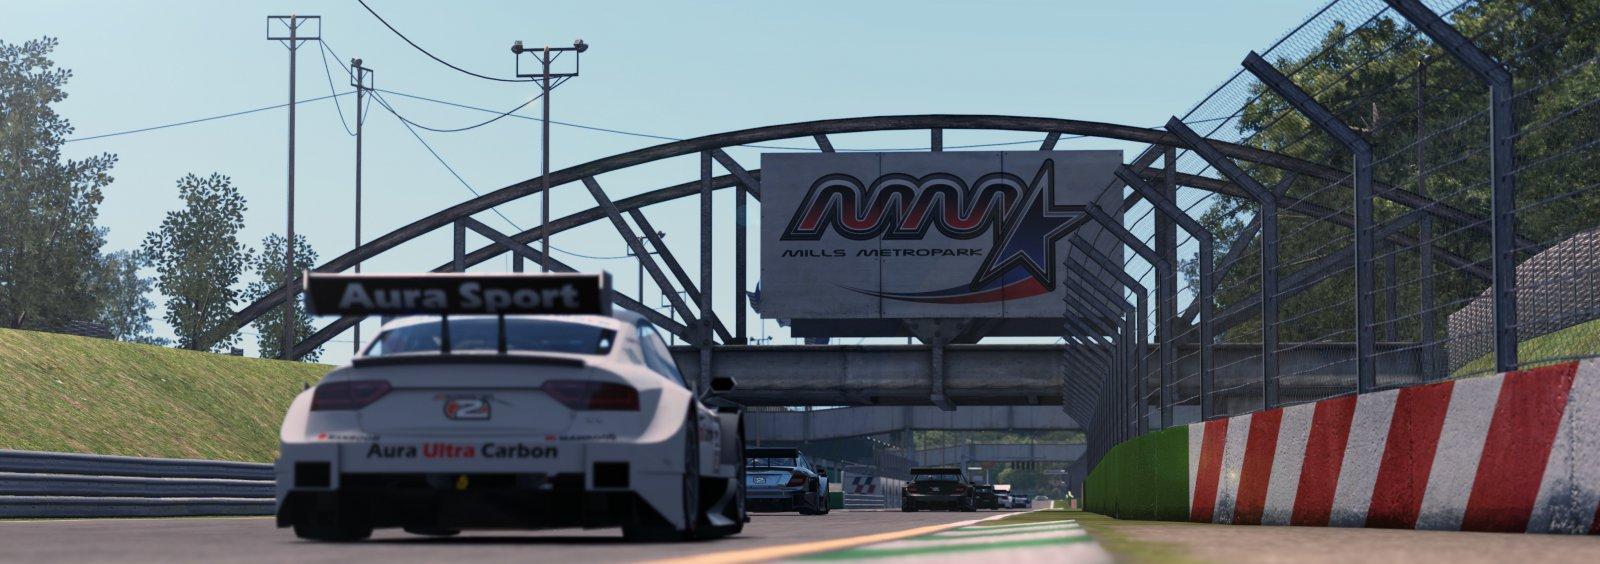 DTM R4 1.jpg